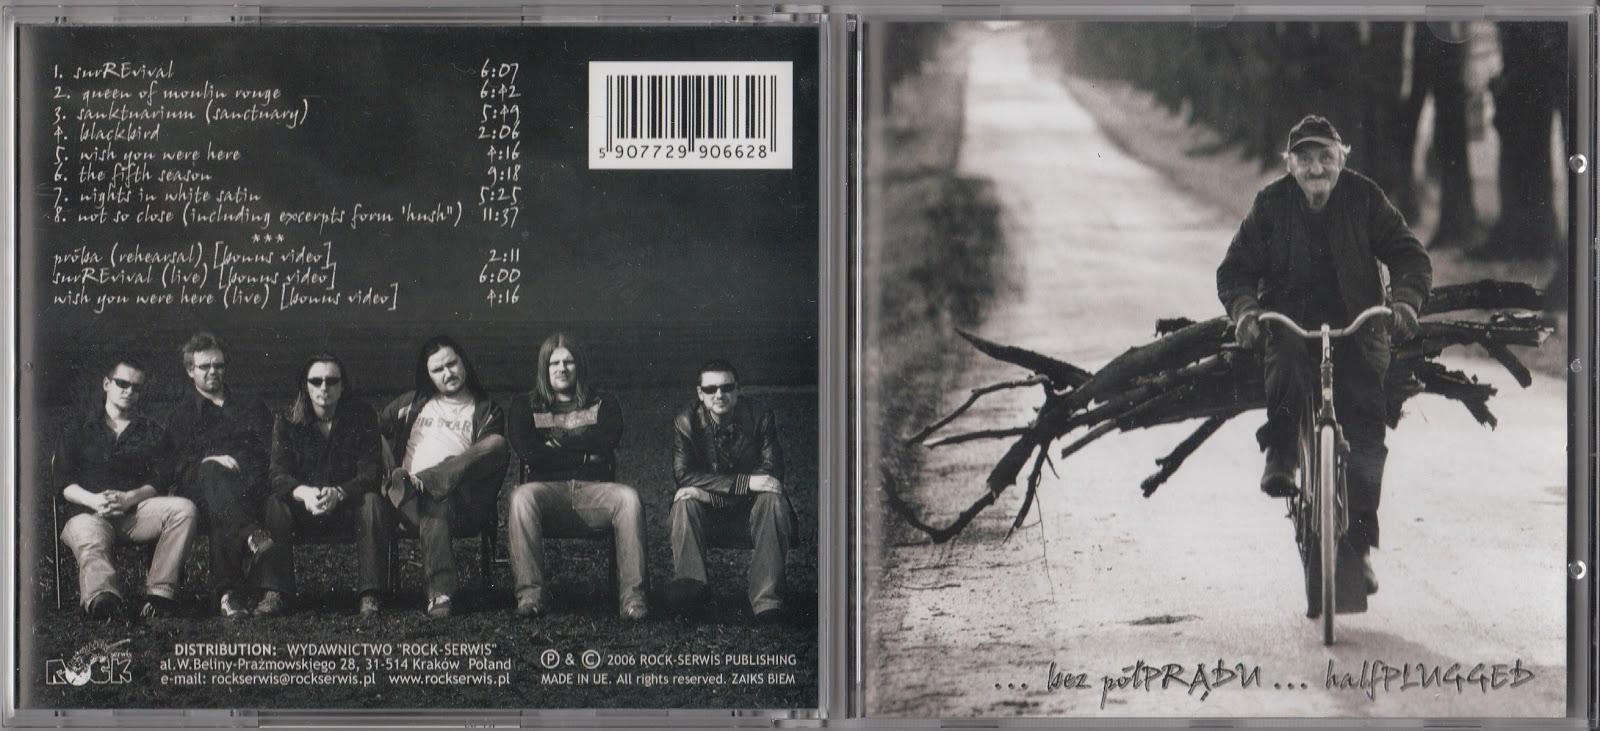 Himna crne gore mp3 download  kidisegocf